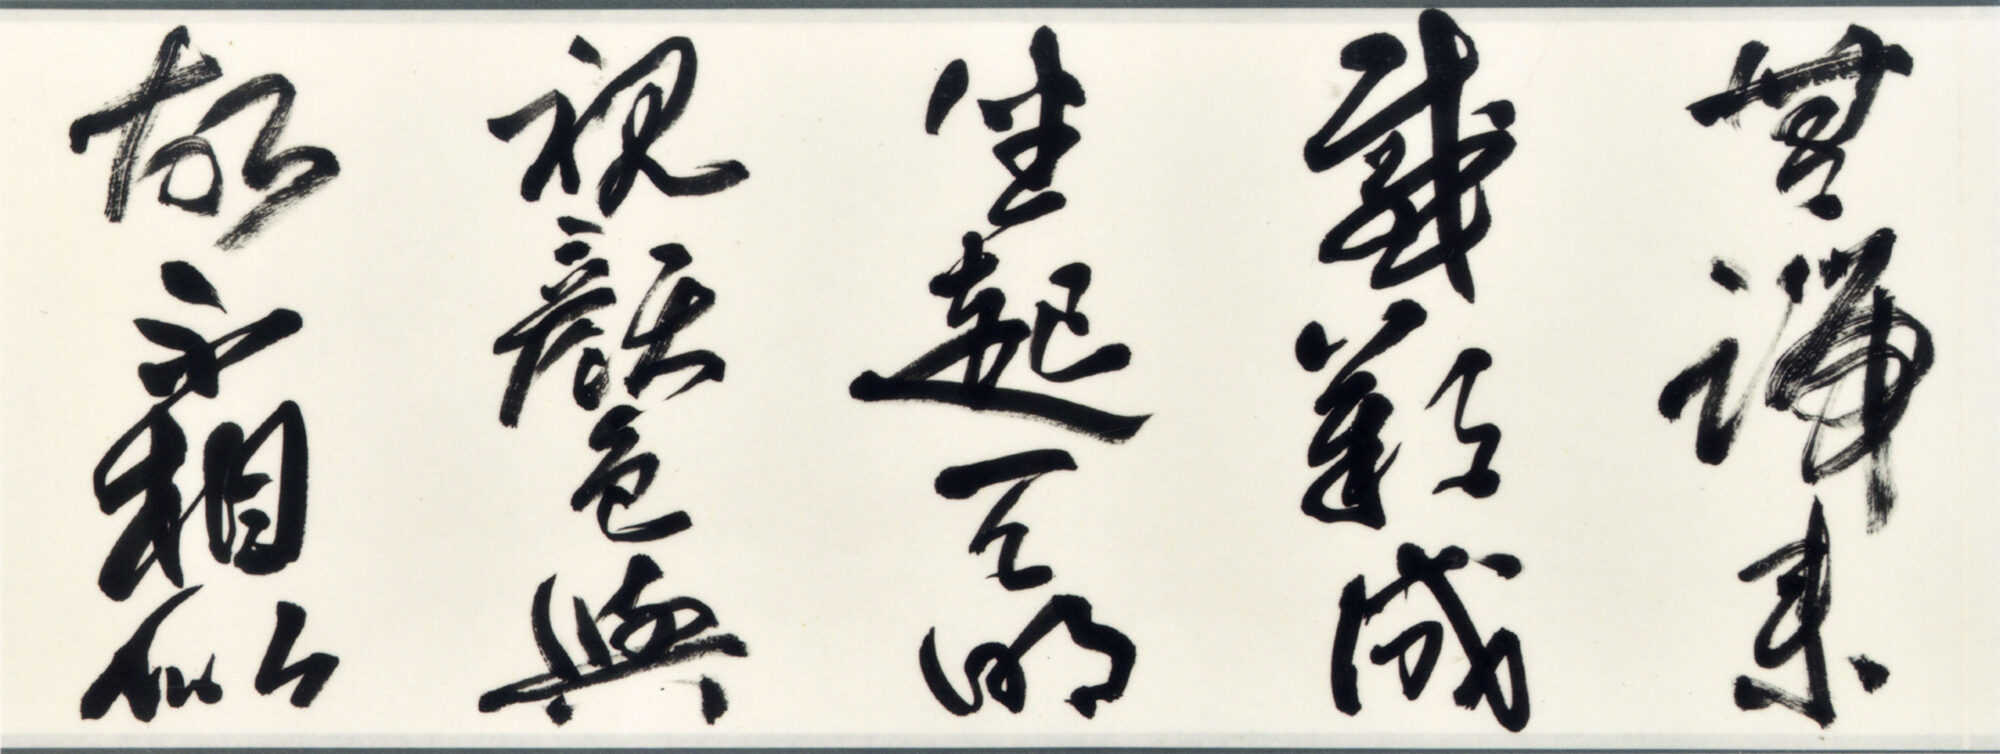 「秋懐詩(其一)」柿花 煌 1